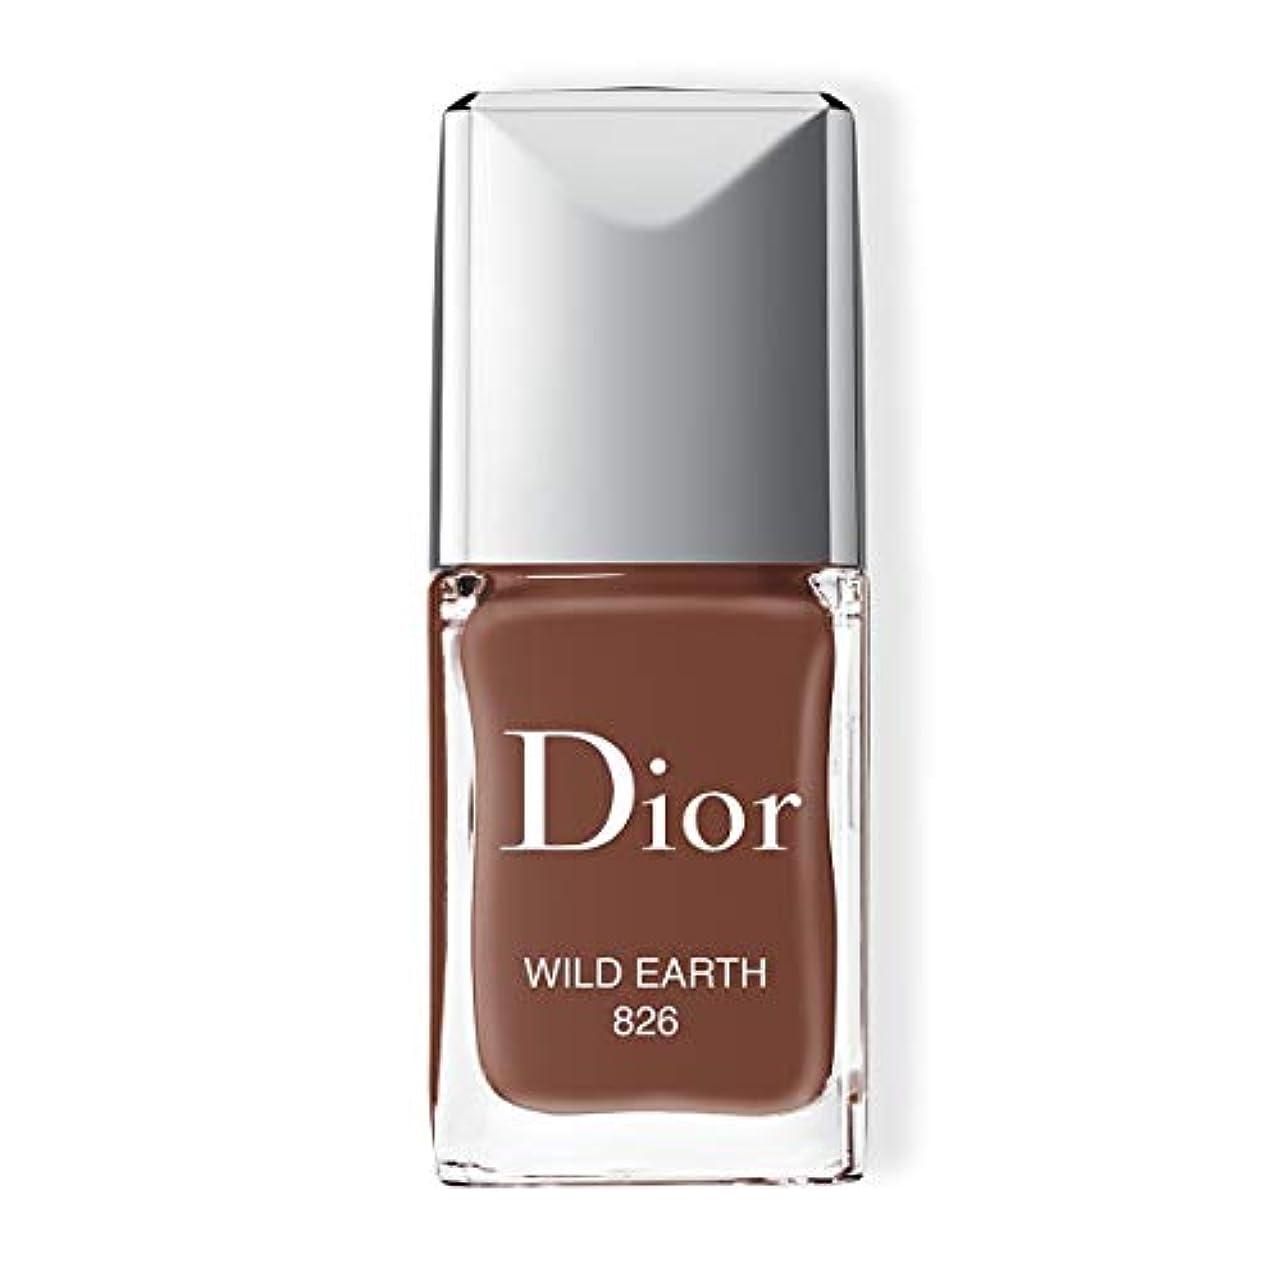 取り消す幽霊海嶺Dior(ディオール) ディオール ヴェルニ (826 ワイルド アース)